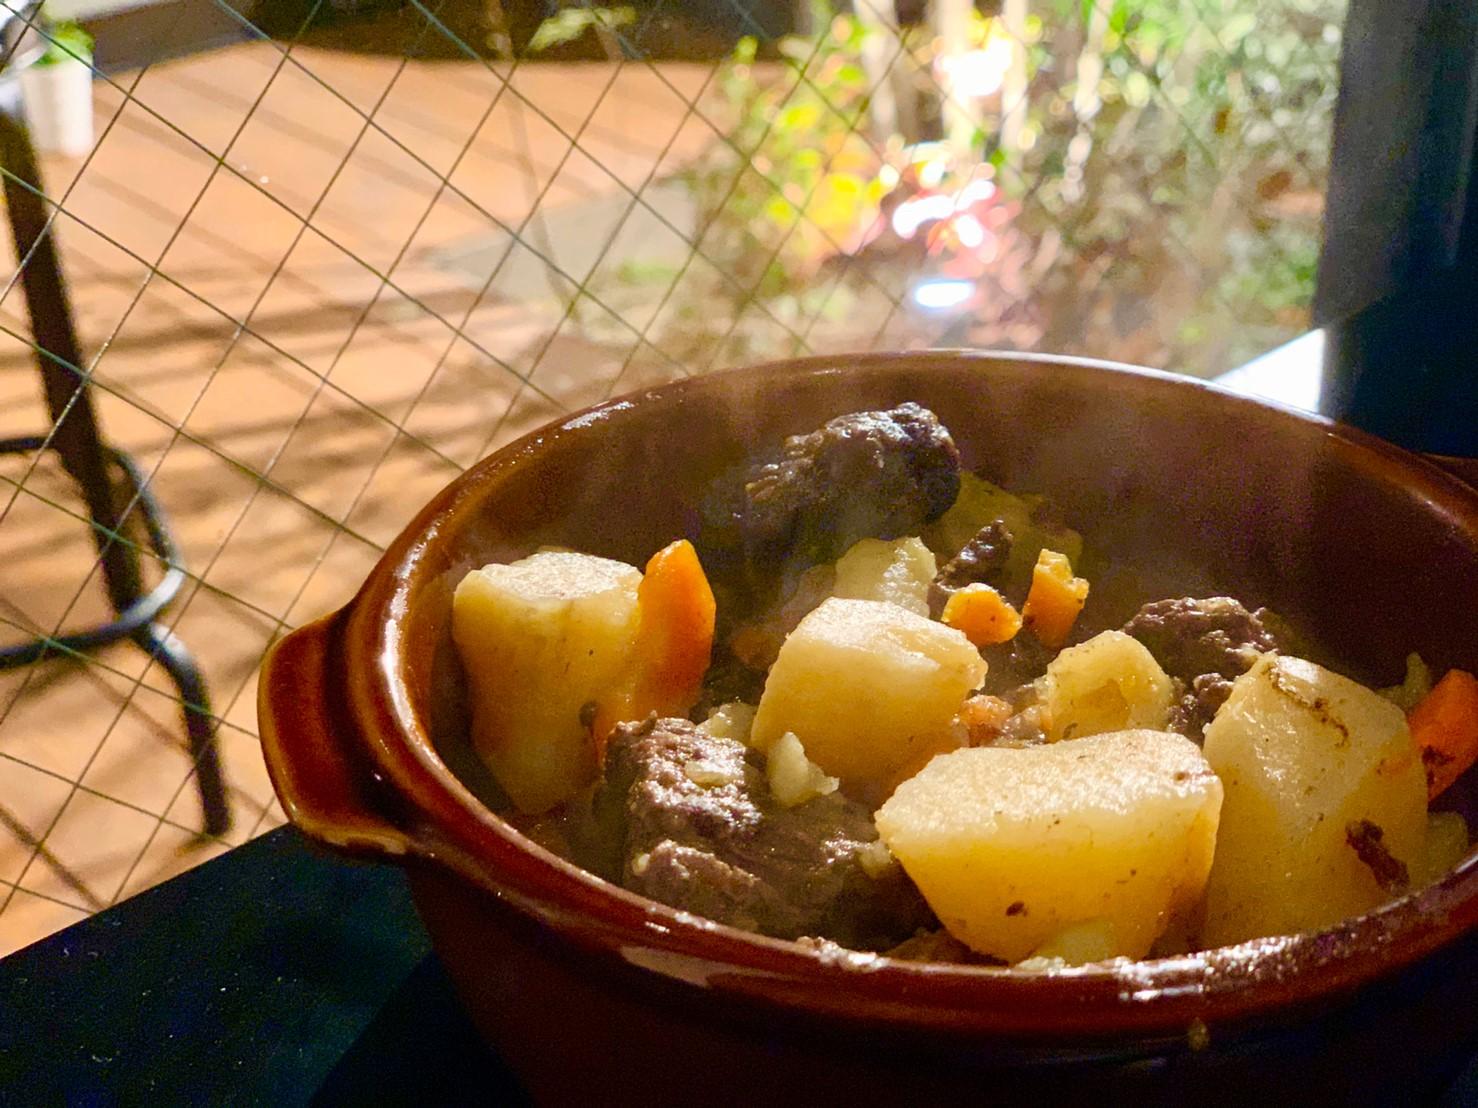 栄|非日常な隠れ家を発見!!食材を活かした栄養豊富な自家製ブラジル料理の専門店